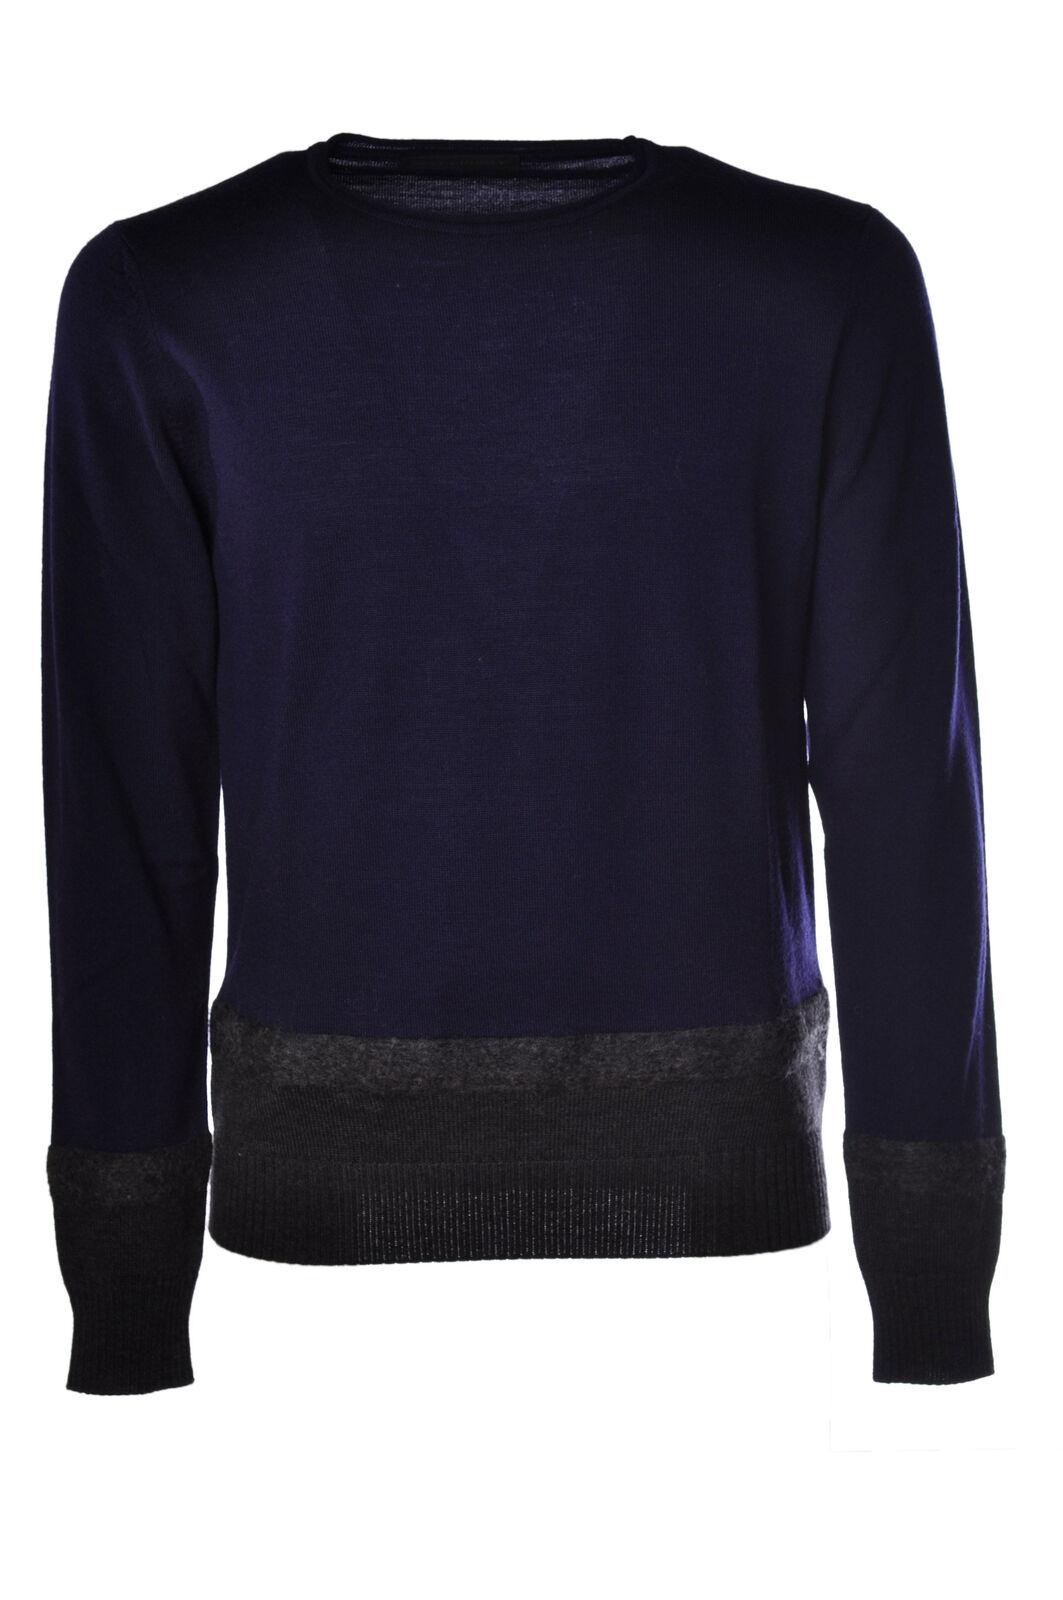 Daniele Alessandrini - Knitwear-Sweaters - Man - 908318C181107 Bleu - 908318C181107 - a90ee6